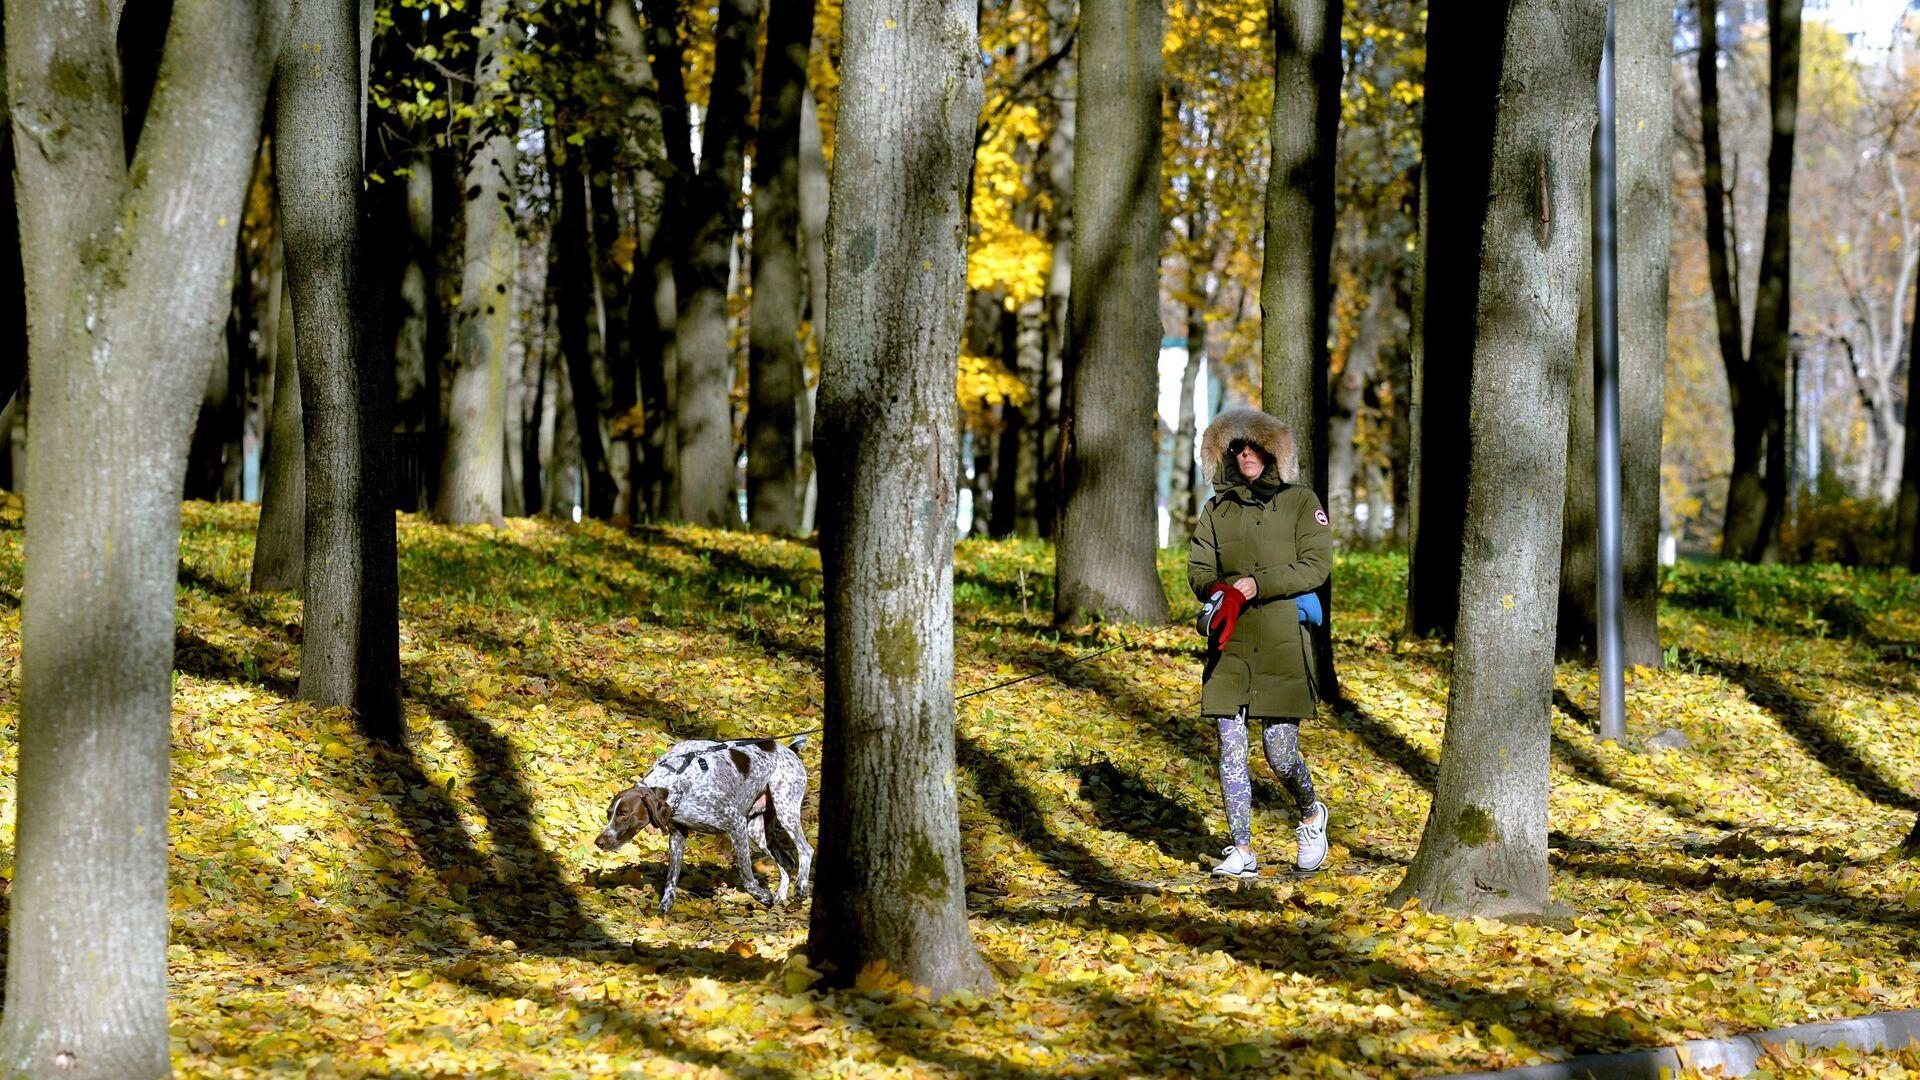 Прогулка в осеннем парке. Архивное фото - Sputnik Беларусь, 1920, 25.09.2021